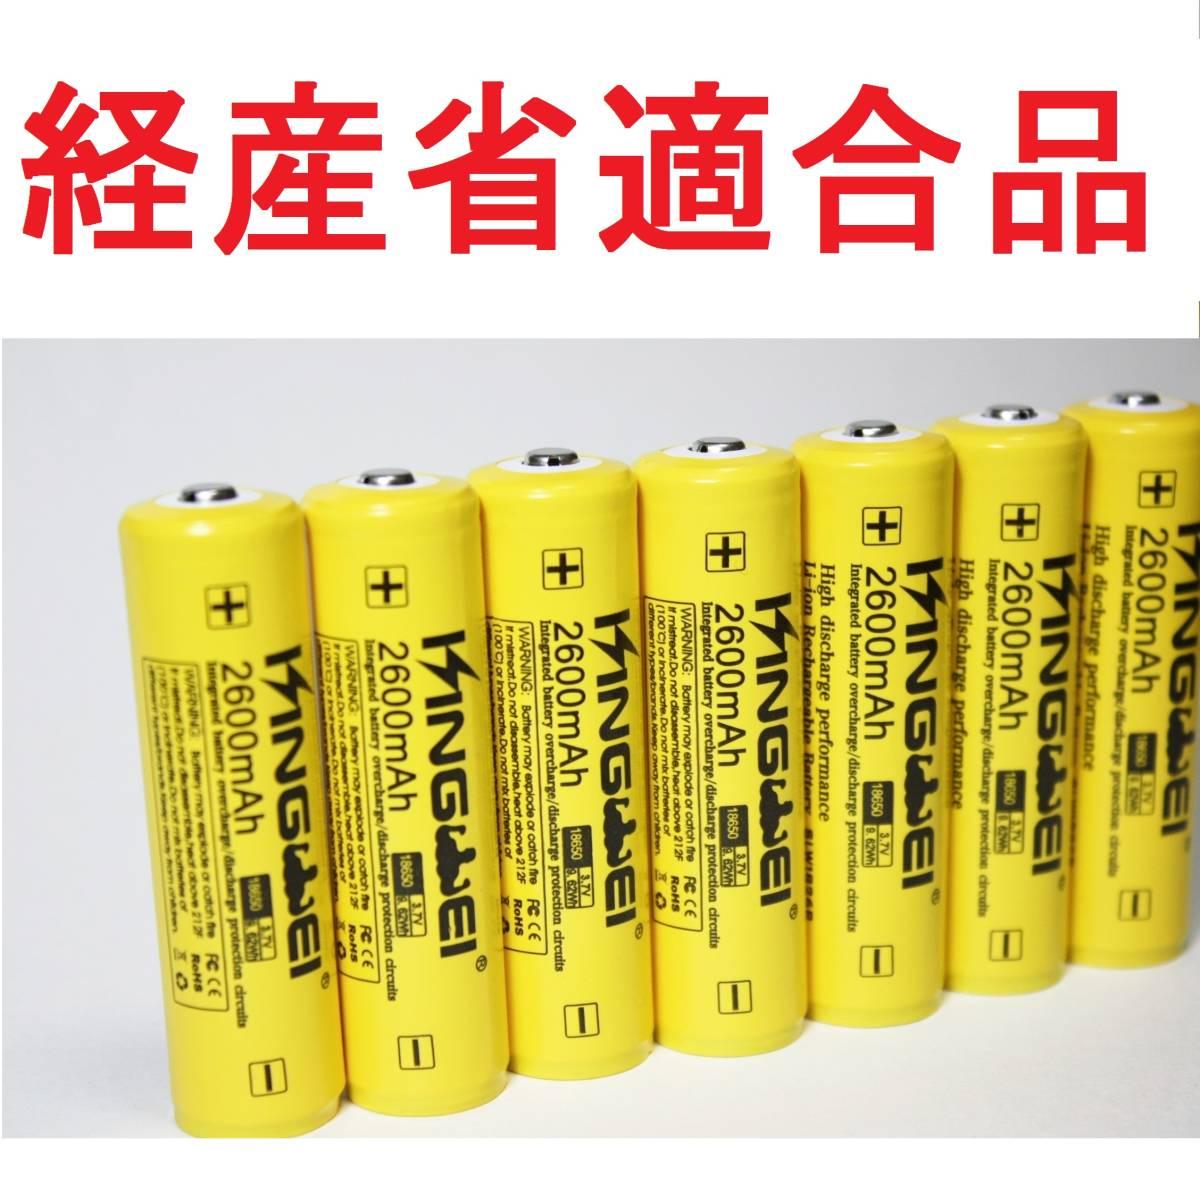 ■正規容量 18650 経済産業省適合品 大容量 リチウムイオン 充電池 バッテリー 懐中電灯 ヘッドライト06